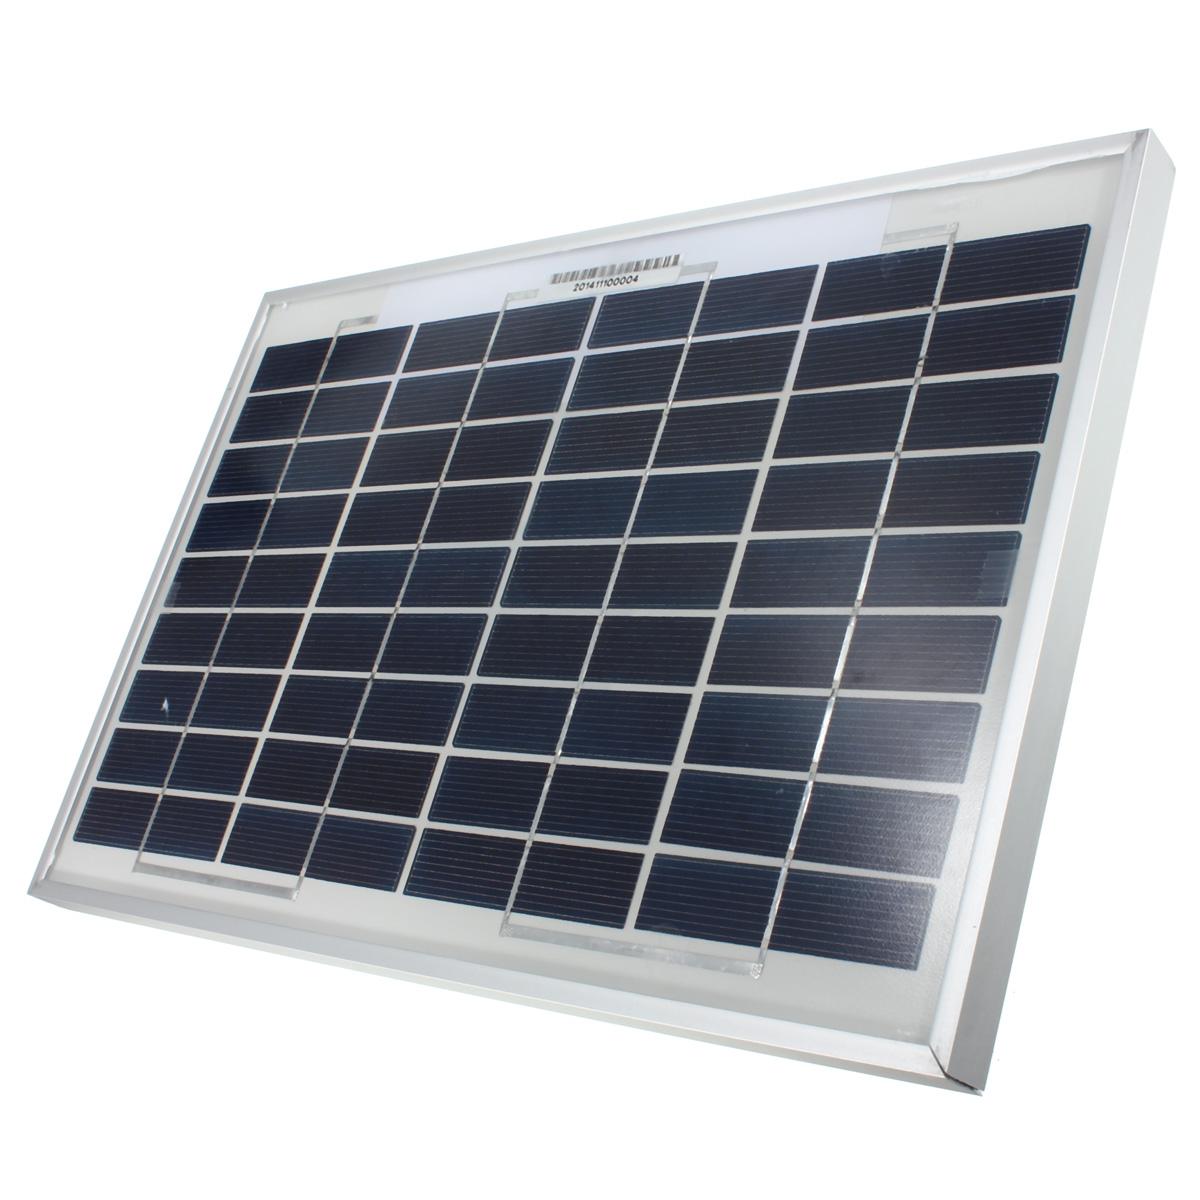 panneau solaire petit module cellule pv pour kits de bricolage solaires chargeur ebay. Black Bedroom Furniture Sets. Home Design Ideas